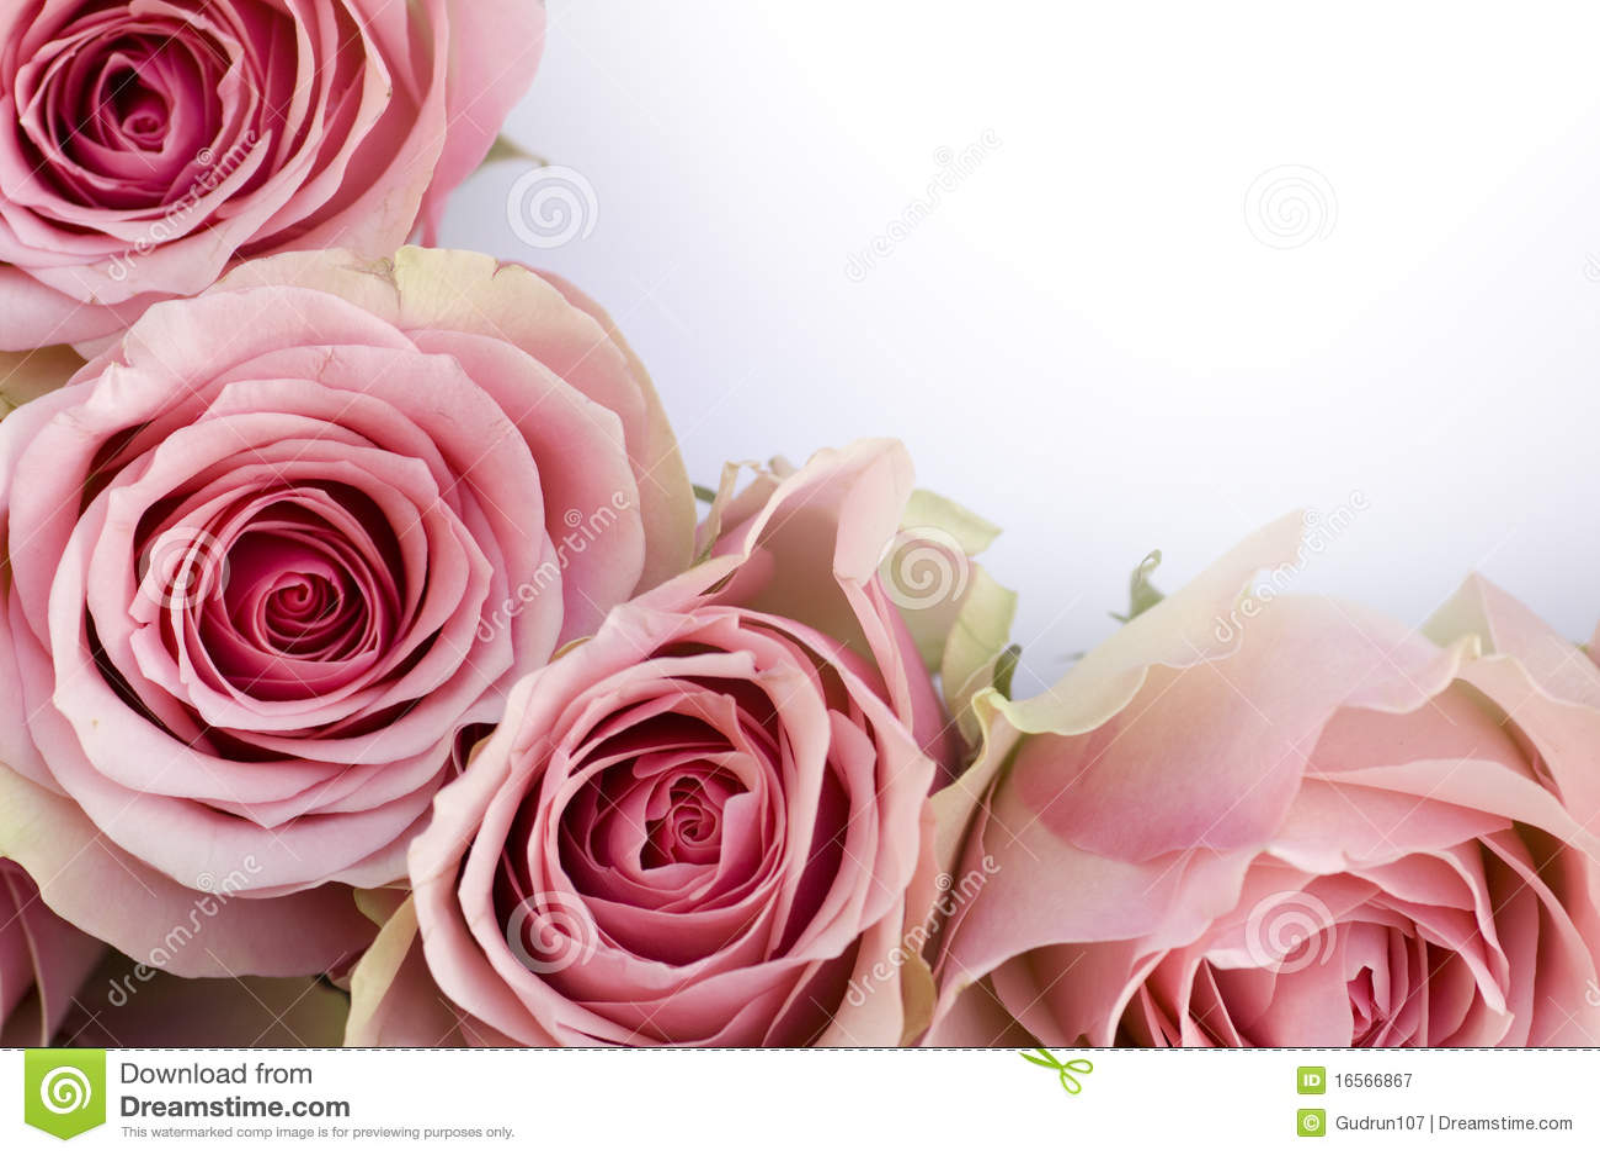 空白美丽的信函粉红色的玫瑰